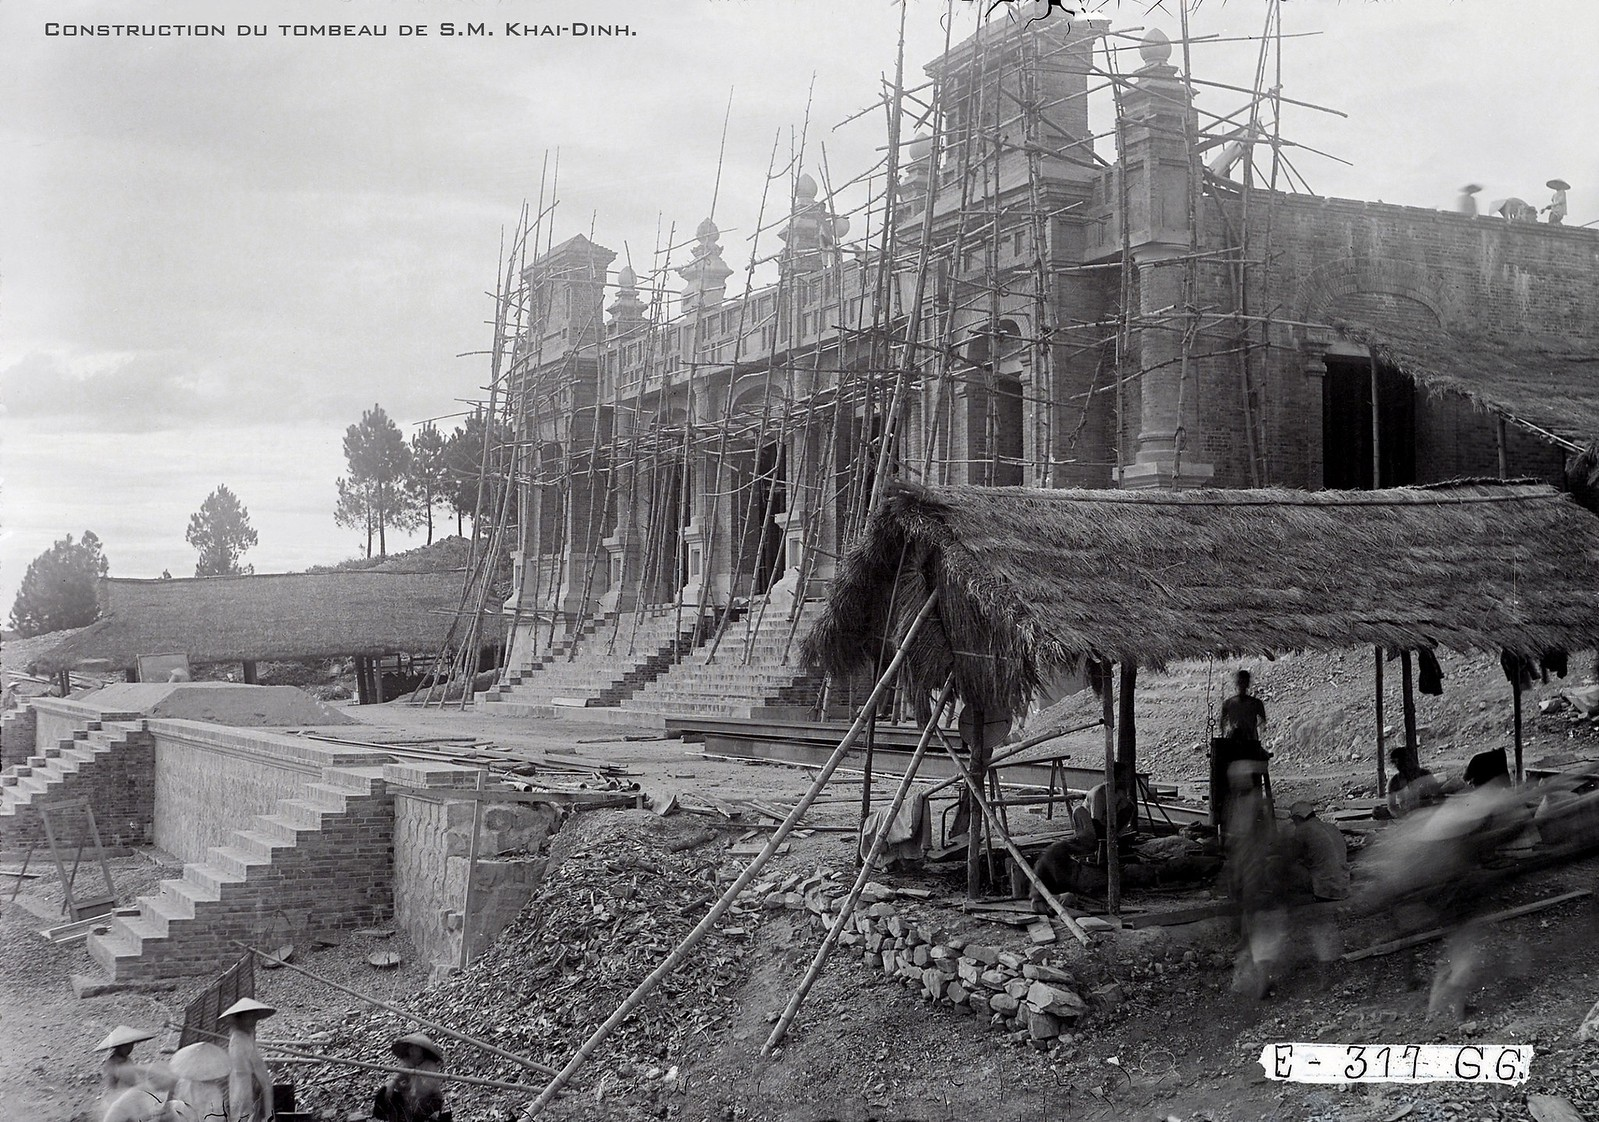 Chùm ảnh: Công trường xây dựng lăng Khải Định một thế kỷ trước